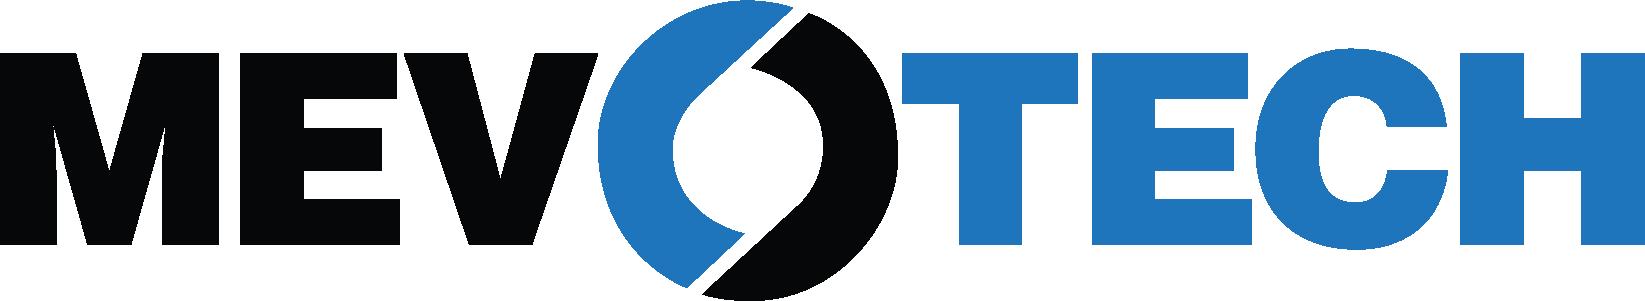 Mevotech_Logo_PMS